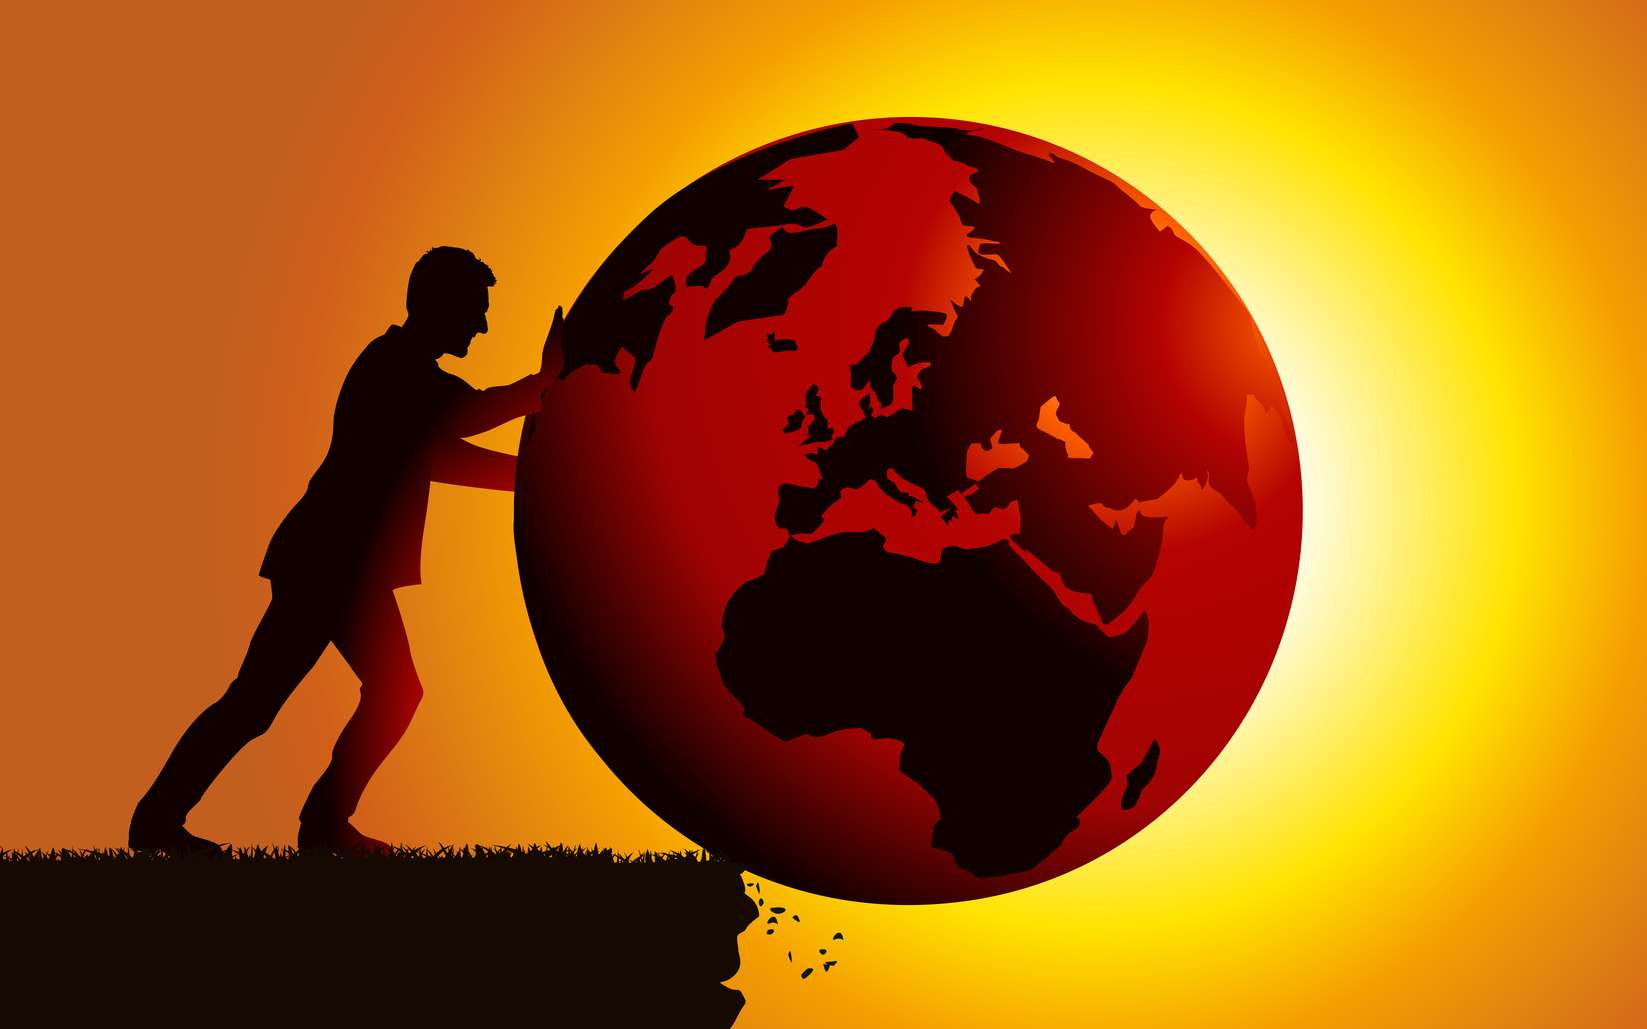 Dans une nouvelle étude, des chercheurs pensent que le point de rupture sera atteint lorsque la température de la Terre sera supérieure de 2 °C. © pict rider, fotolia